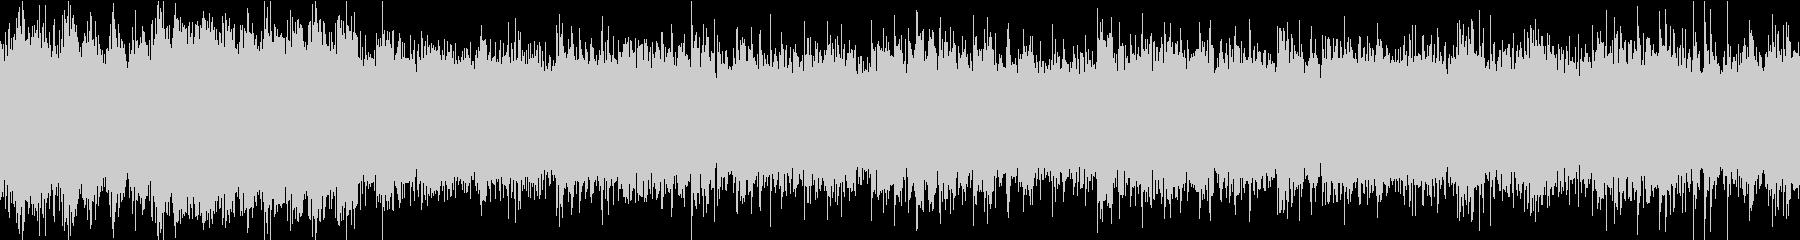 おだやかキラキラ/ループ/イントロ17秒の未再生の波形